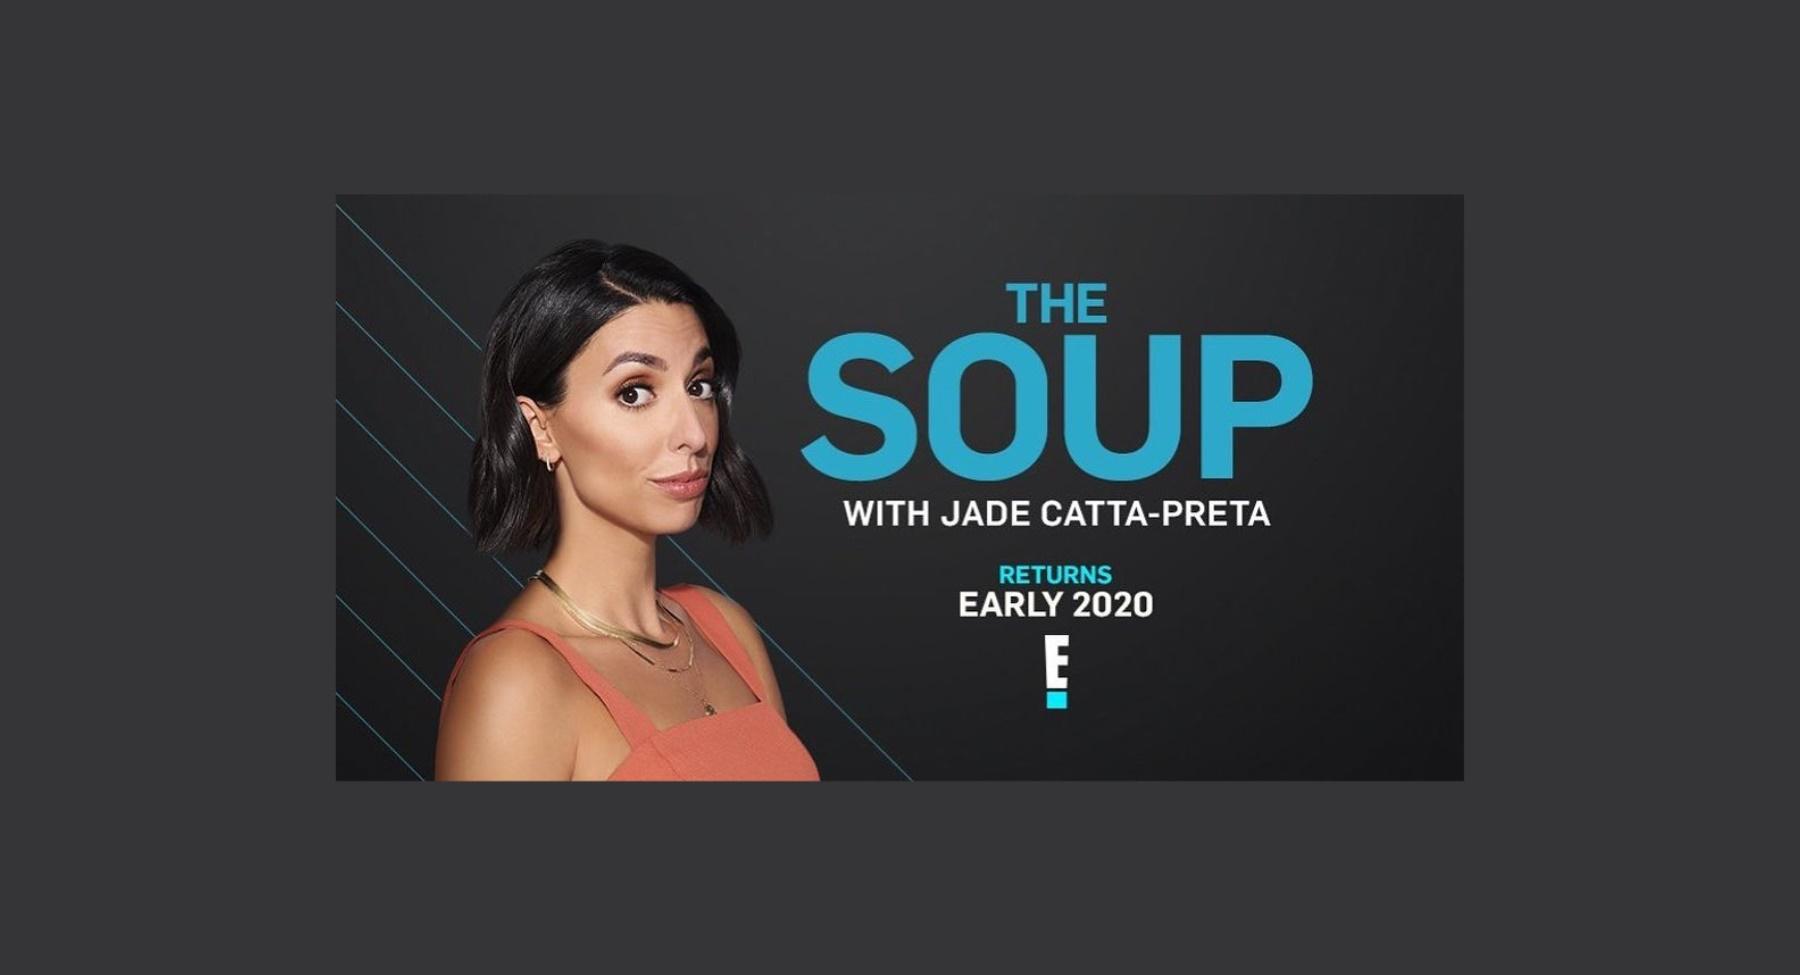 """""""The Soup"""" regresa a Latinoamérica en el 2020 con Jade Catta-Preta"""